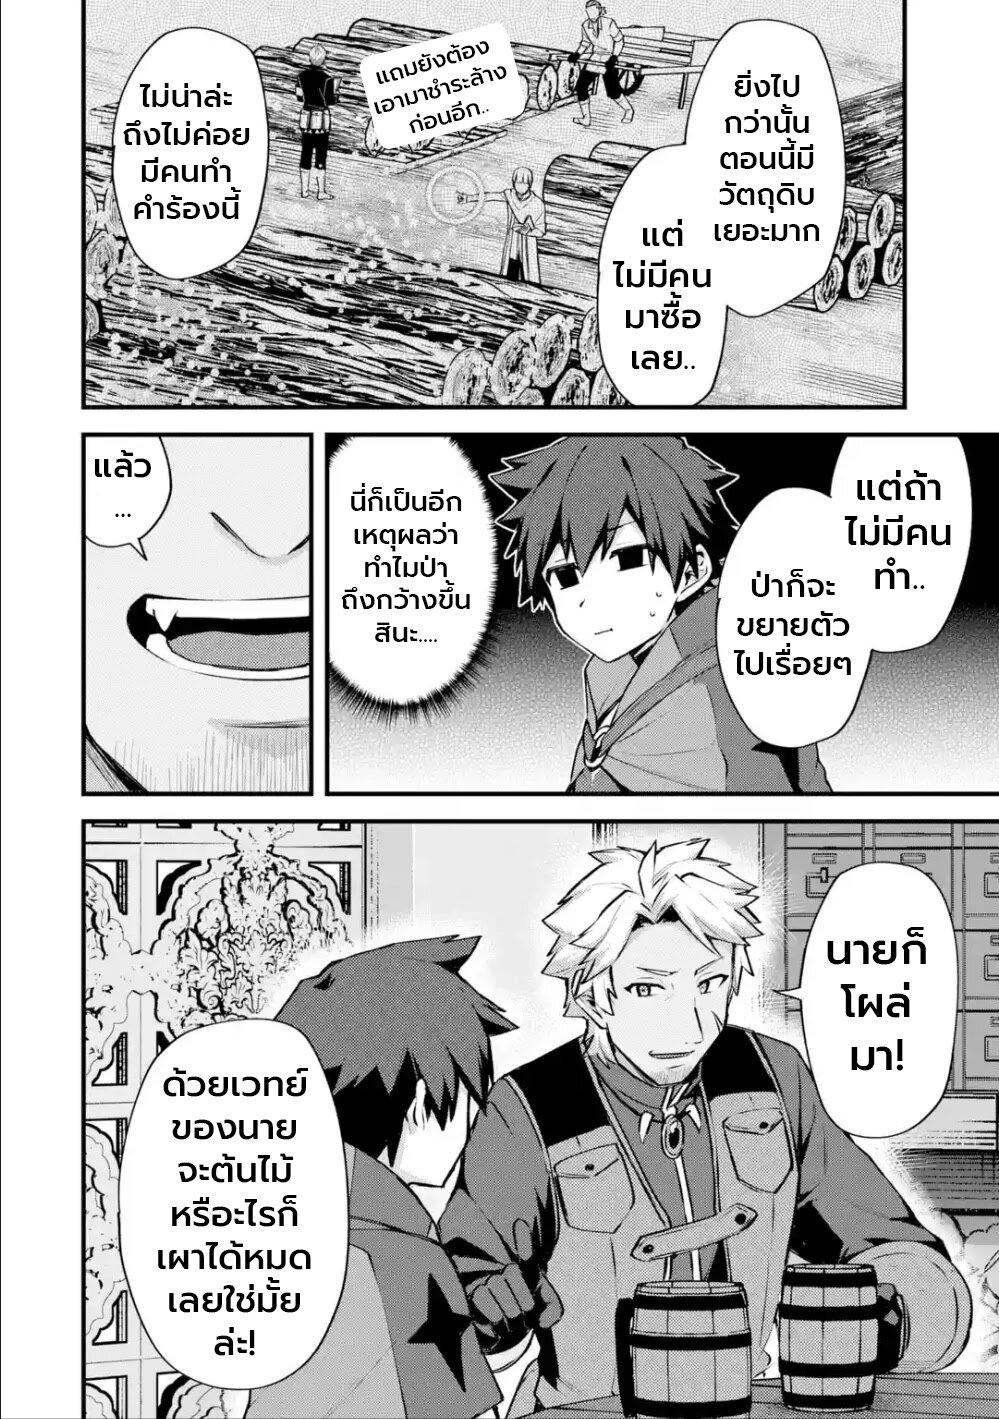 อ่านการ์ตูน Nido Tensei Shita Shounen wa S Rank Boukensha Toshite Heion ni Sugosu-zense ga kenja de eiyuu datta boku wa raisede wa jimini ikiru ตอนที่ 16 หน้าที่ 12